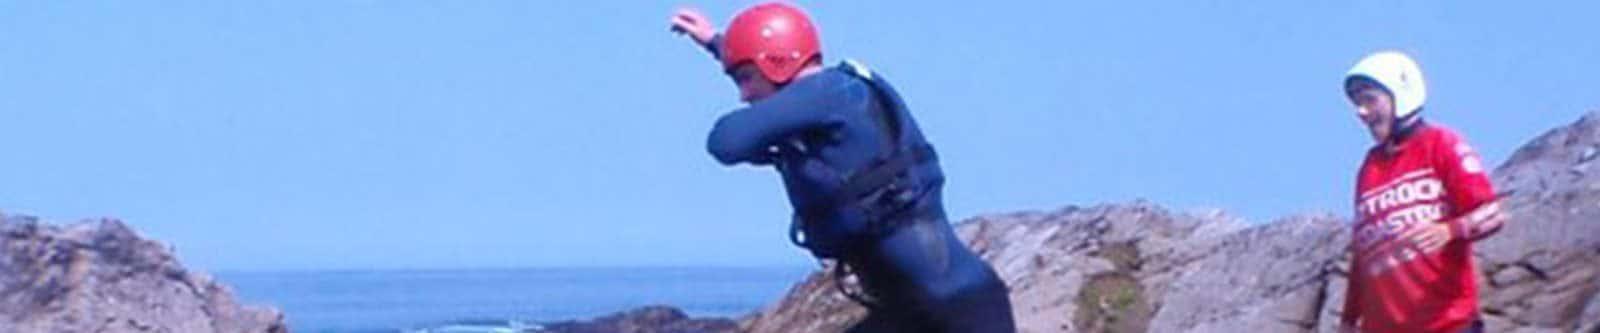 people coasteering